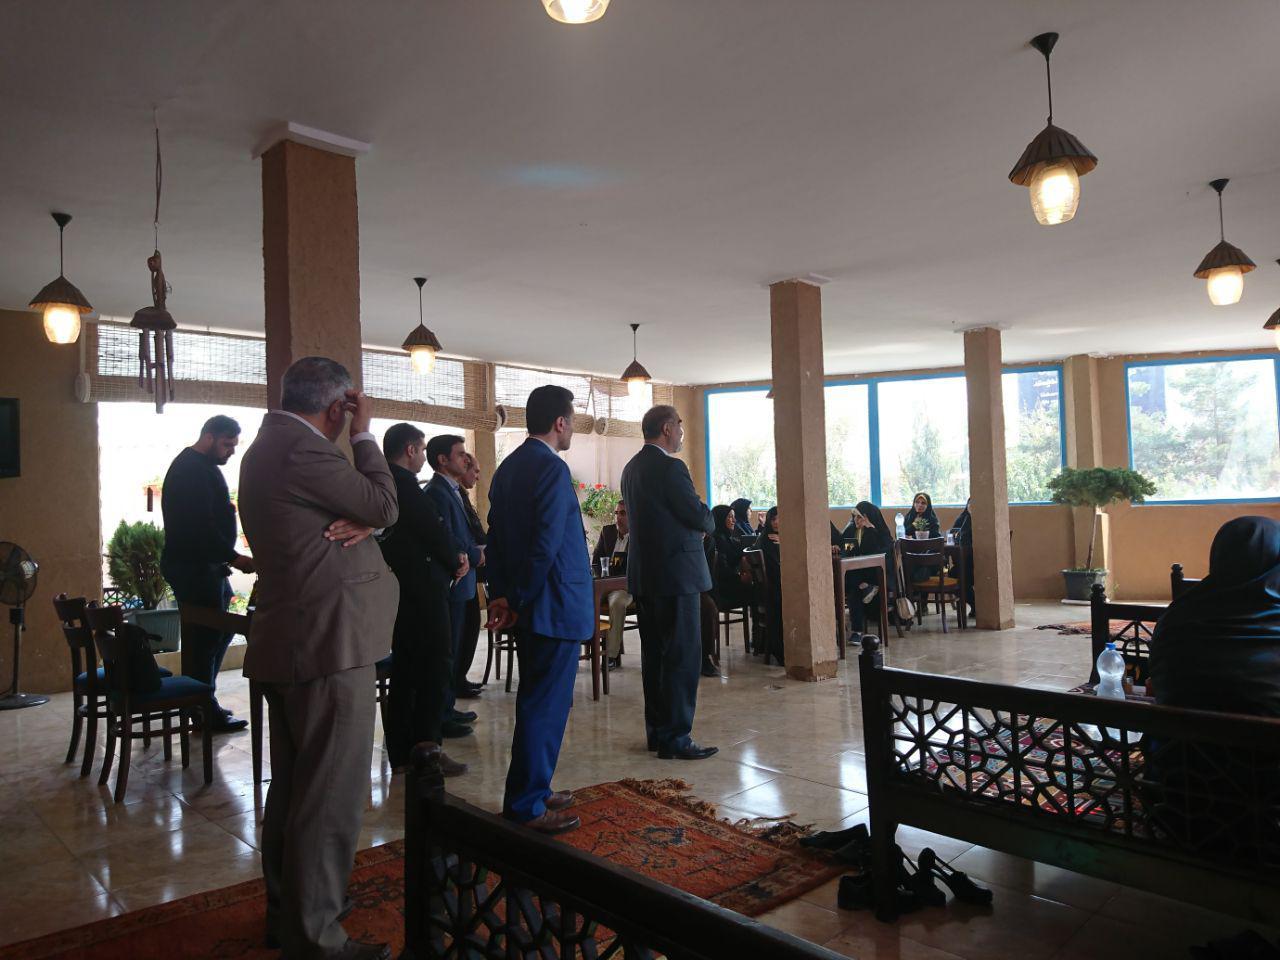 دعوت از همکاران مدرسه ی گردبافان از طرف مدیریت محترم منطقه در سالن غذای مهر